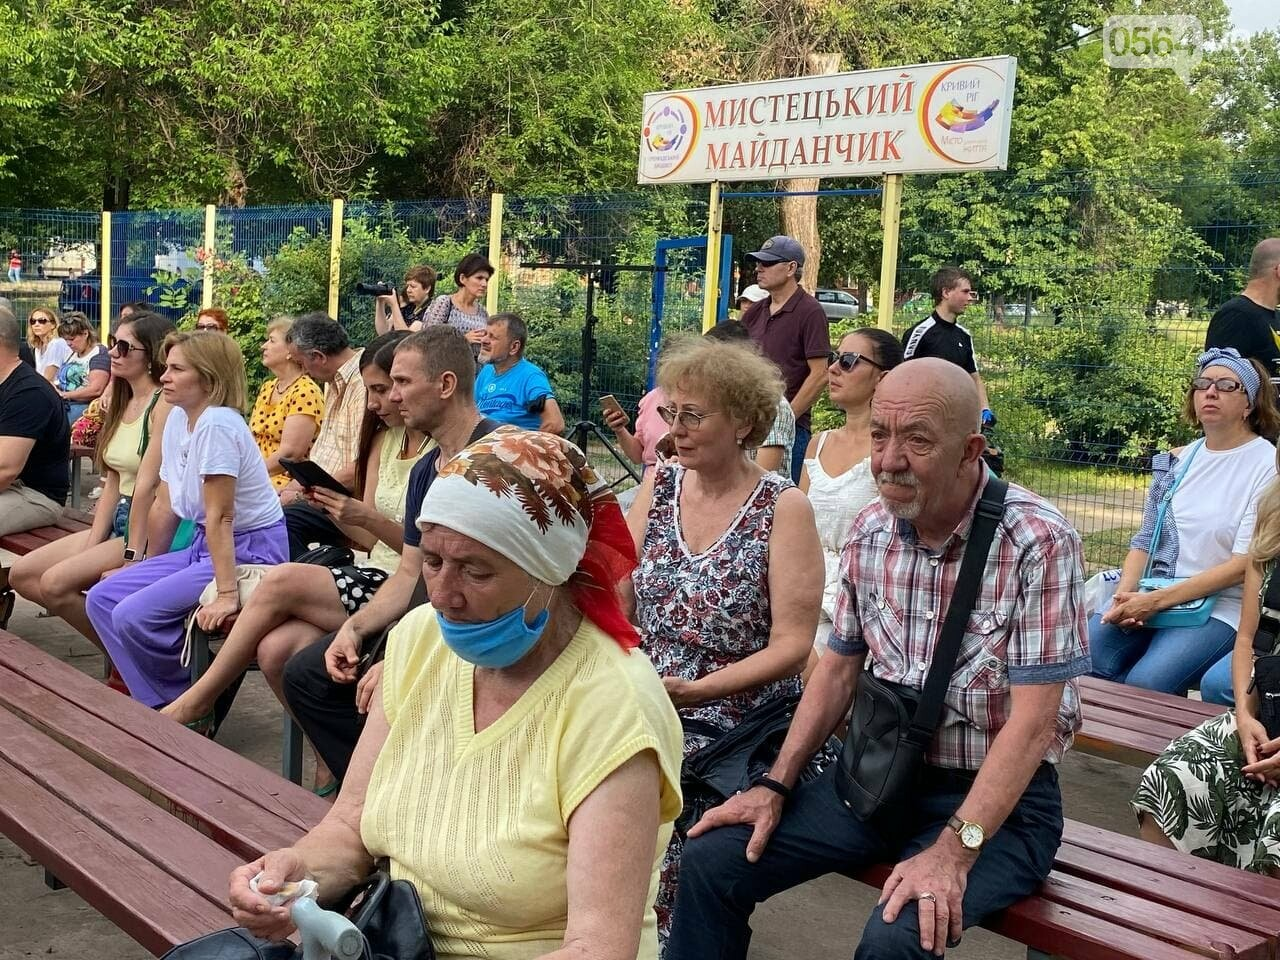 Криворожане наслаждались в парке классикой неаполитанской песни, - ФОТО, ВИДЕО , фото-8